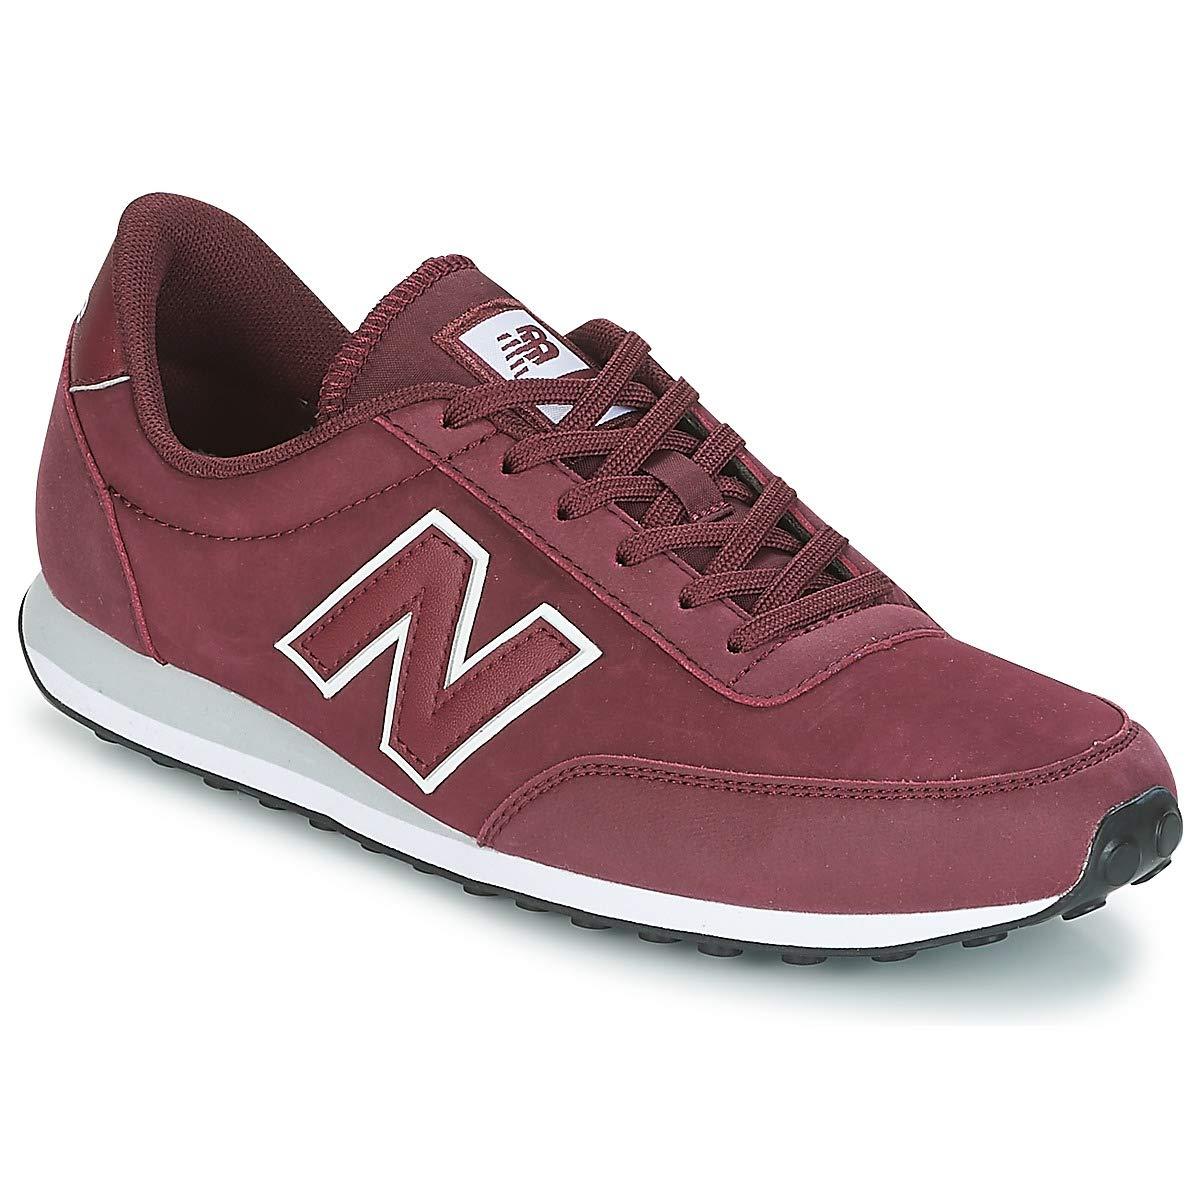 TALLA 37 EU. New Balance 410, Zapatillas para Hombre